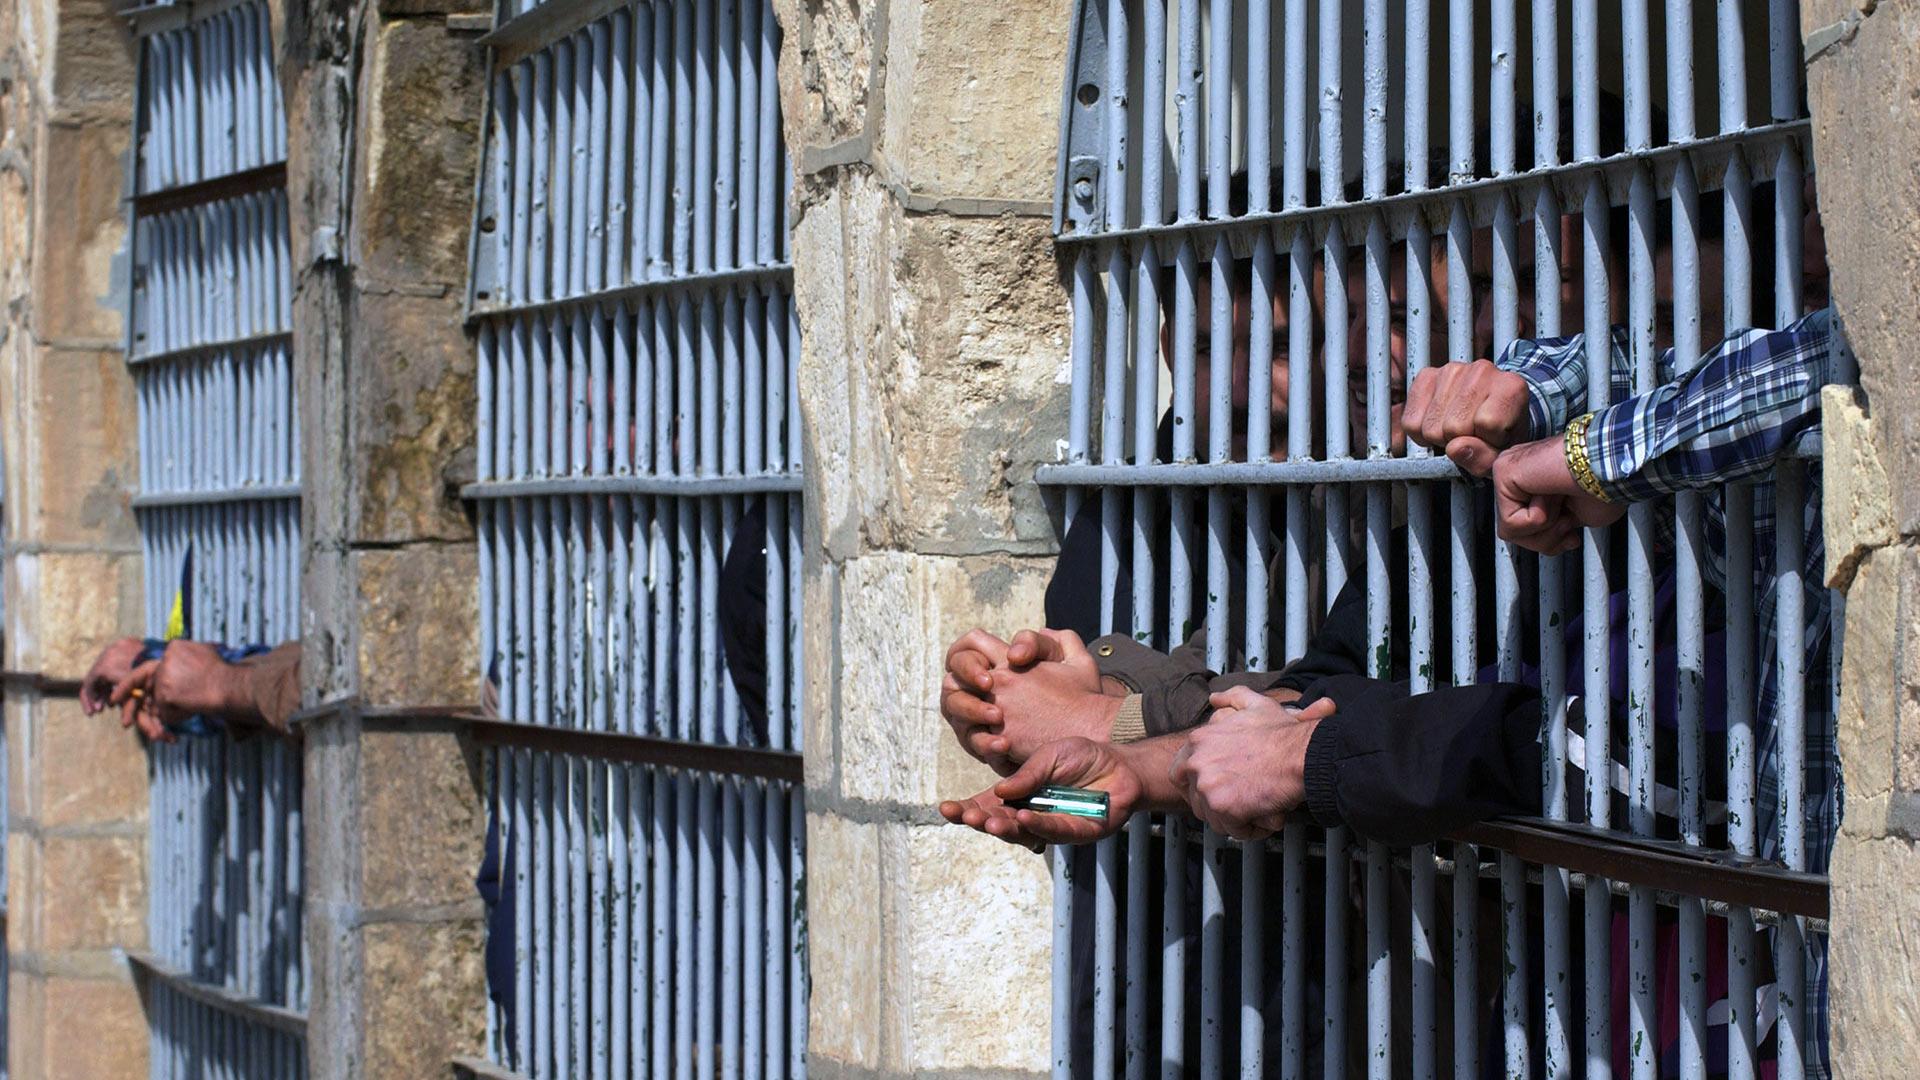 في العراق  ..  كيف فقد إحدى كليتيه بعد سجن 6 أعوام بوشاية كاذبة؟